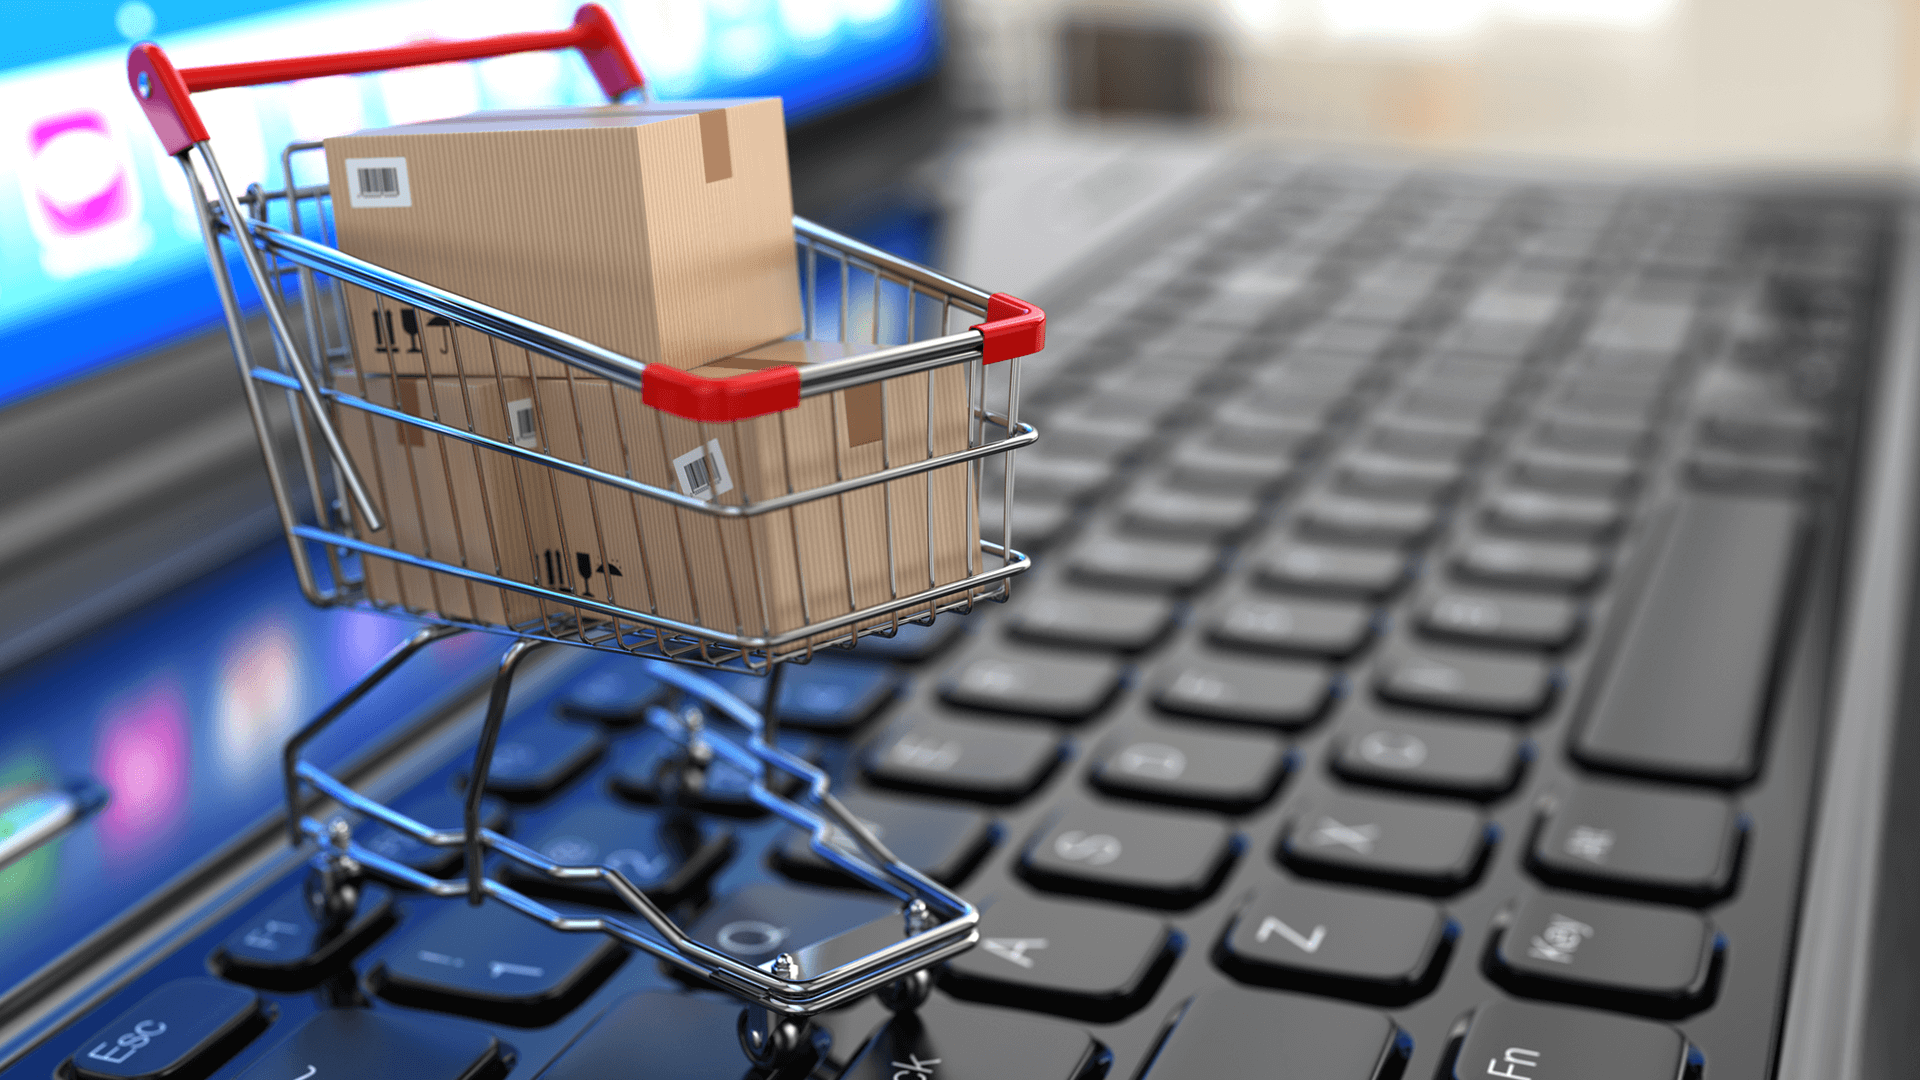 İnternetten Güvenli Alışveriş İle İlgili Önemli Uyarı